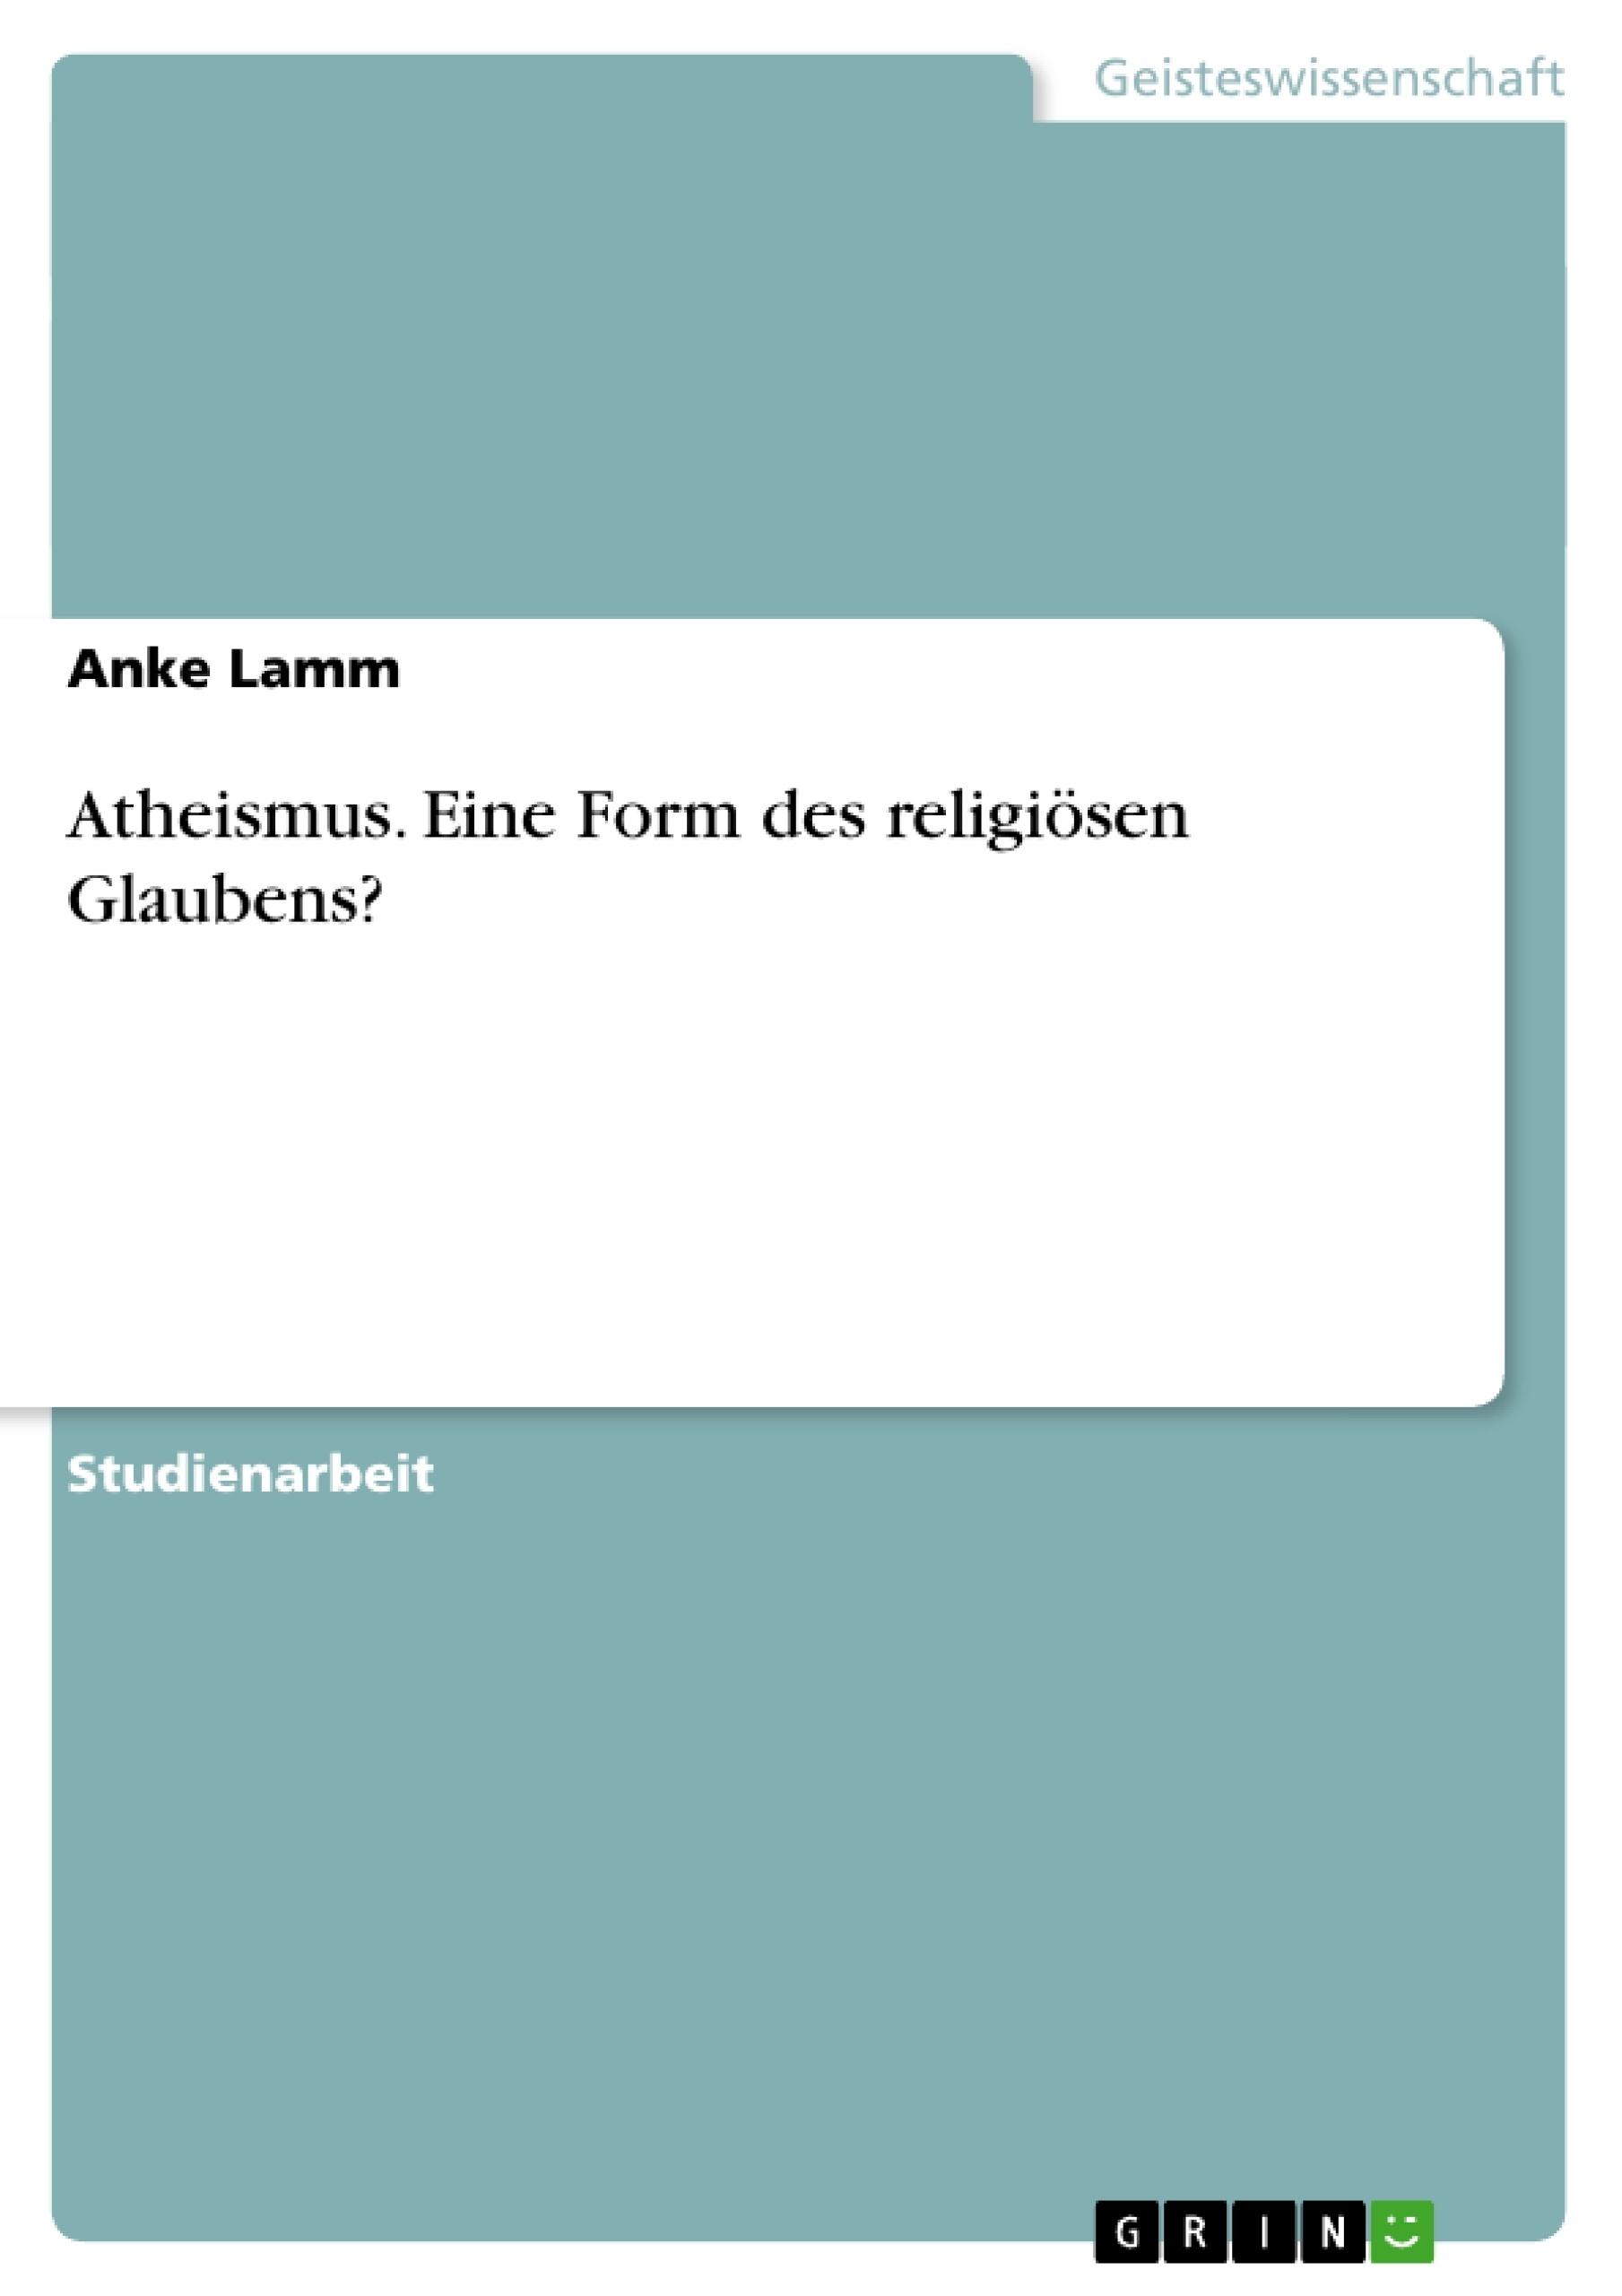 Titel: Atheismus. Eine Form des religiösen Glaubens?